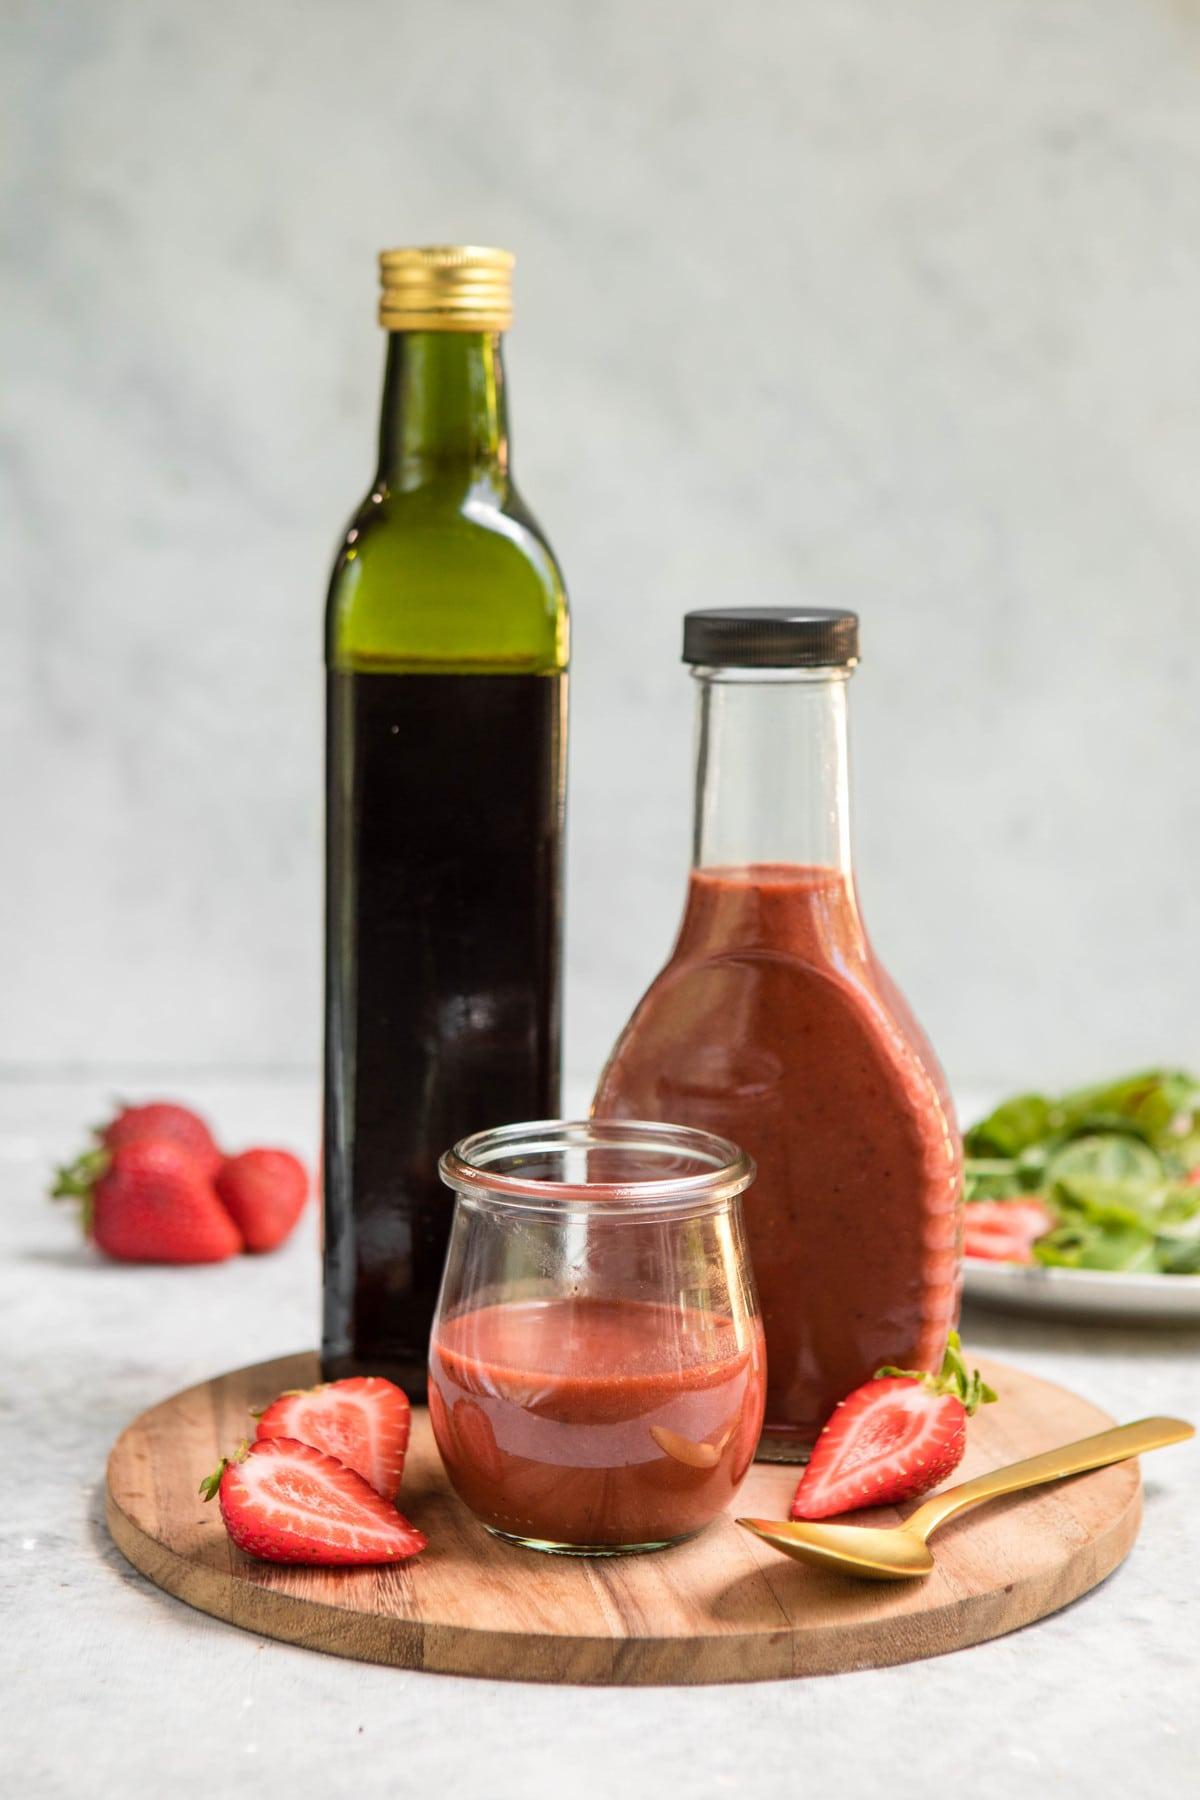 glass jars of roasted strawberry balsamic vinaigrette